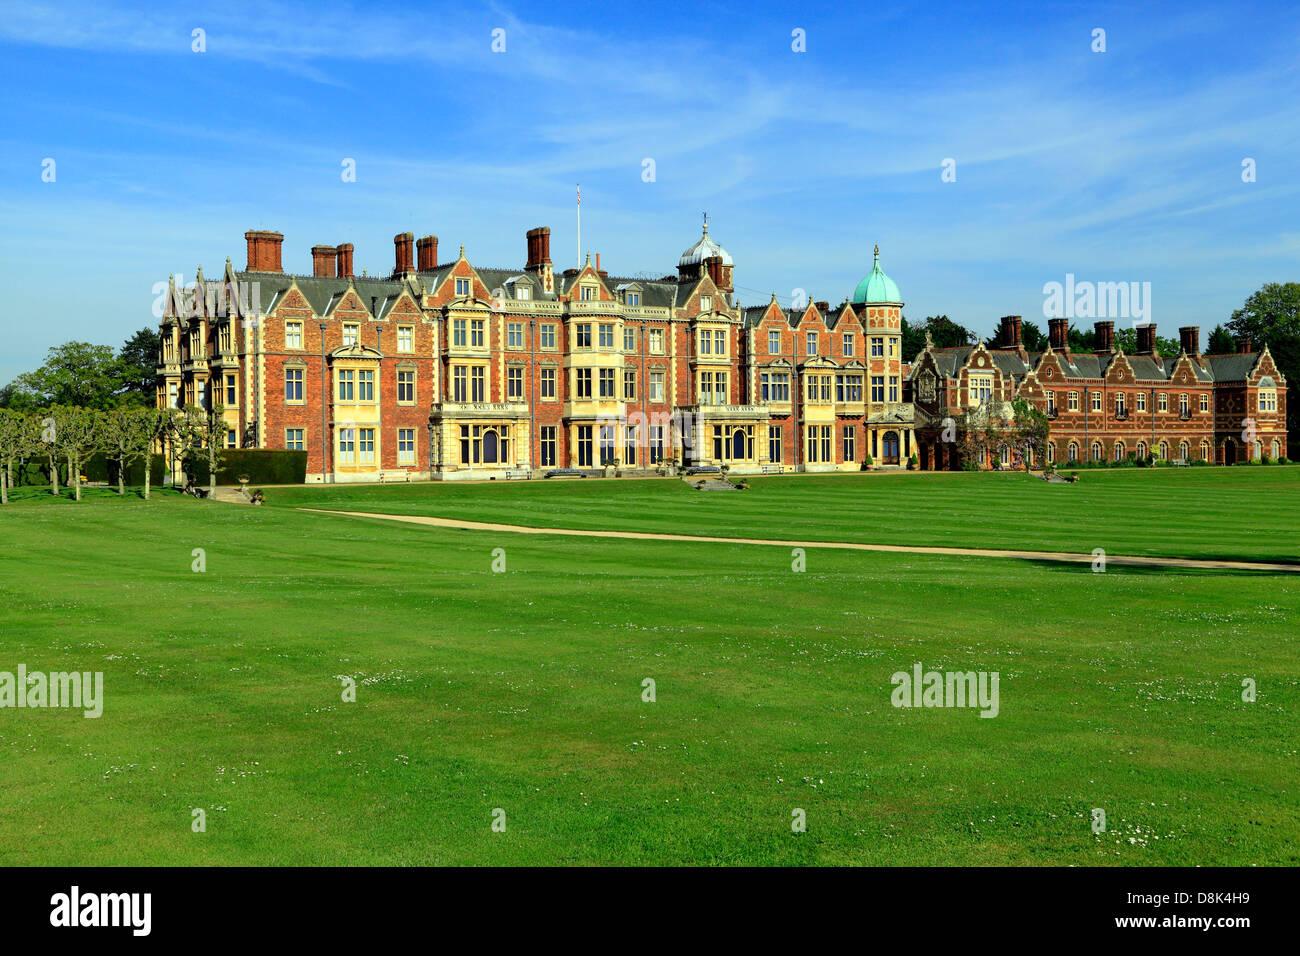 Sandringham House, Norfolk, country retreat de SM la Reine britannique du 19e siècle, l'architecture victorienne, en Angleterre, Royaume-Uni Banque D'Images